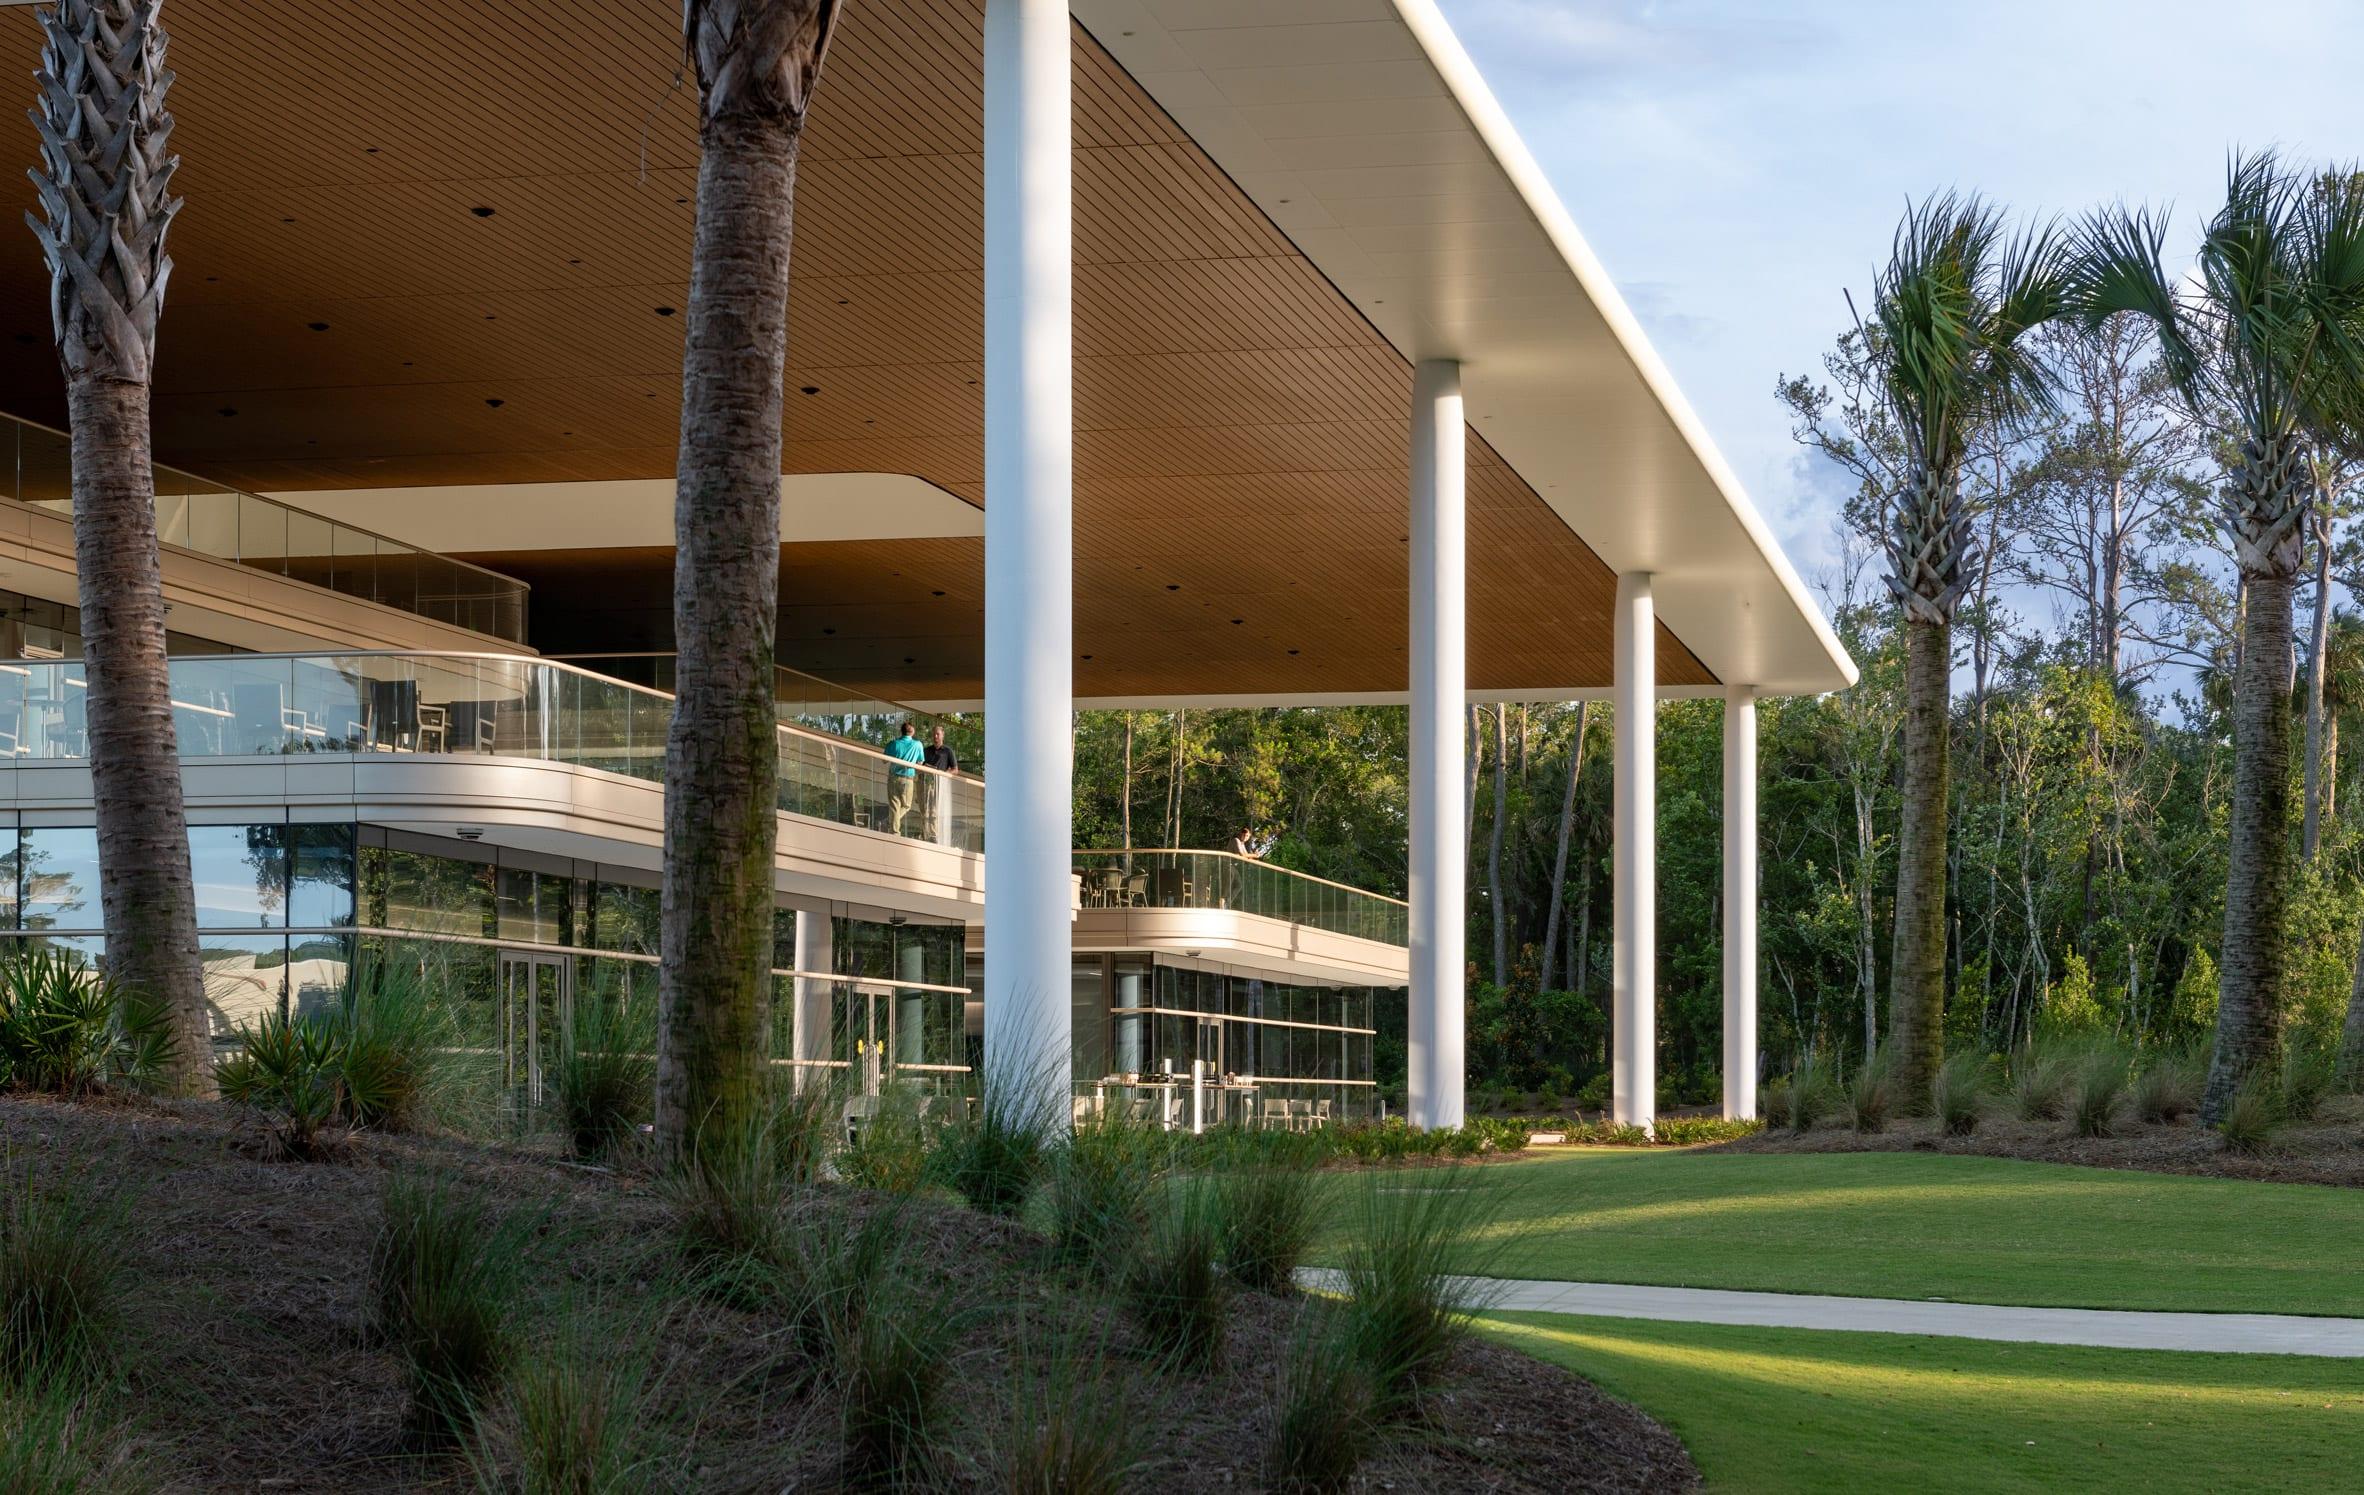 White columns surround the PGA Tour headquarters